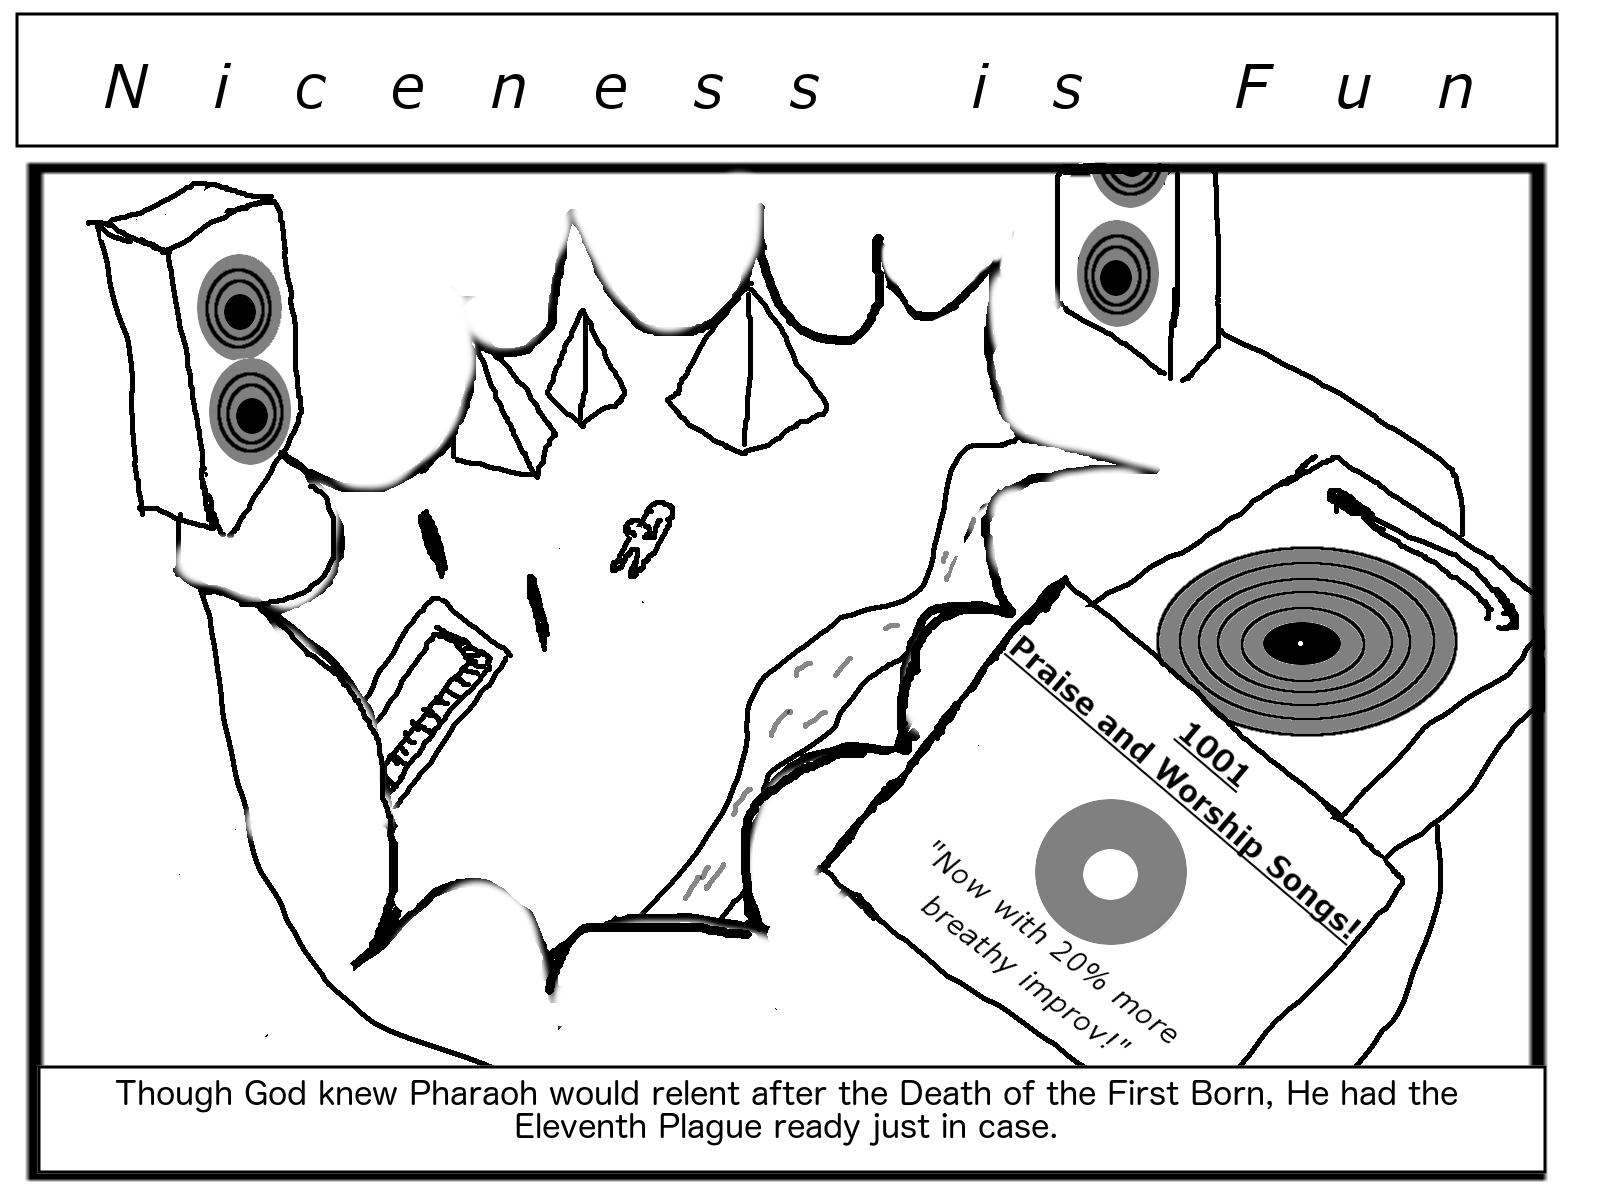 nicness-is-fun-8